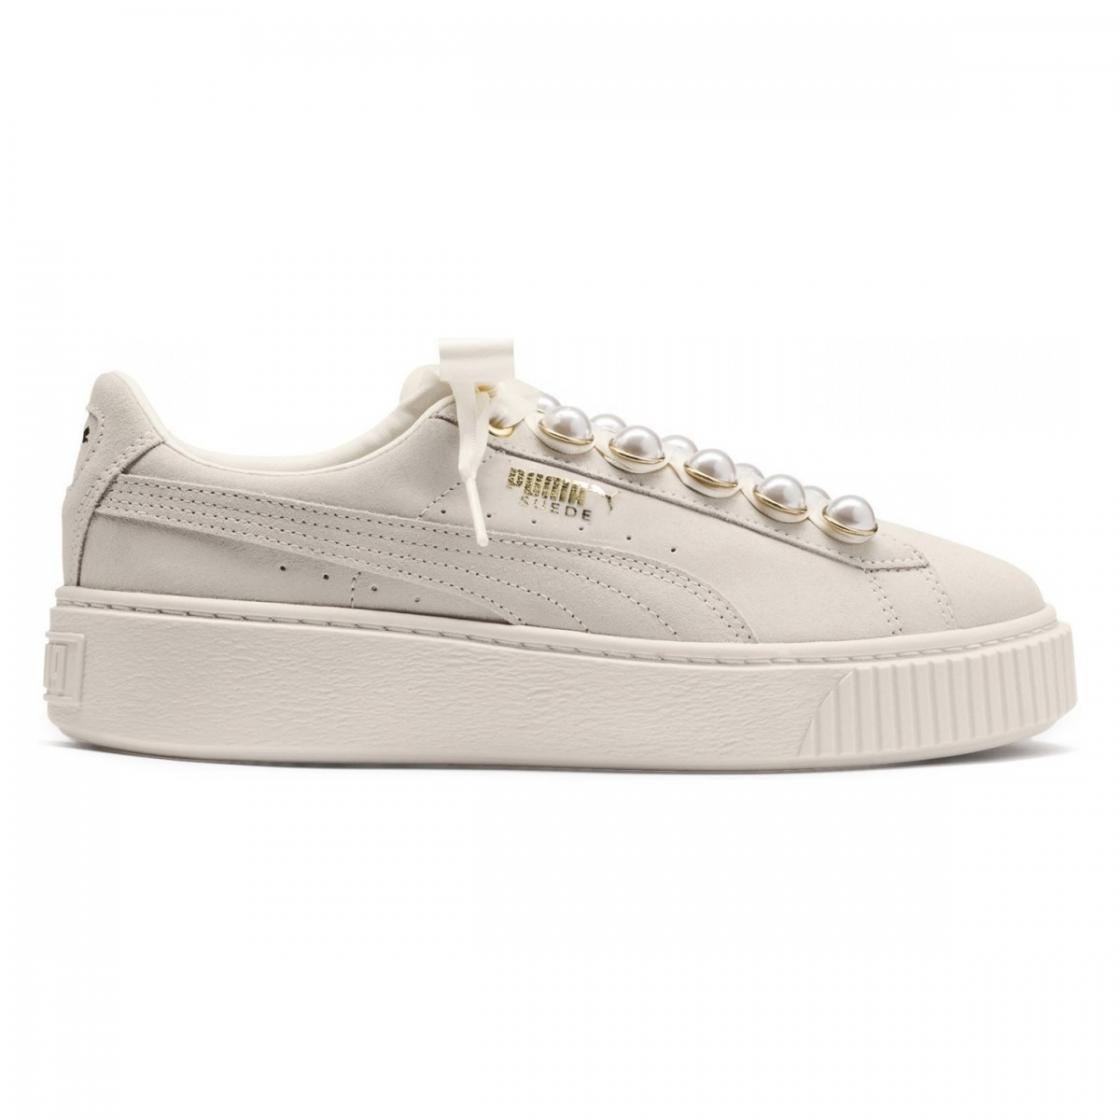 Baskets mode Femme | Basket Platform Bling Suede White Beige | Puma